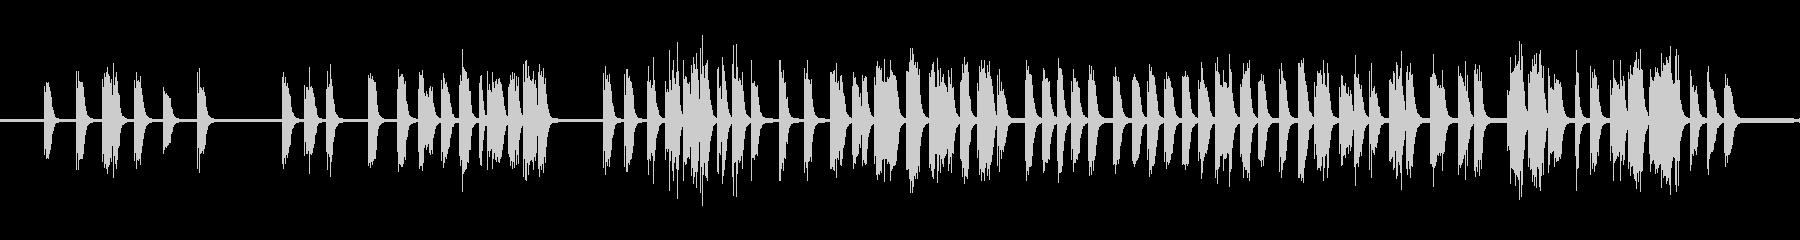 ロボット音声、小、フランキー、電子...の未再生の波形